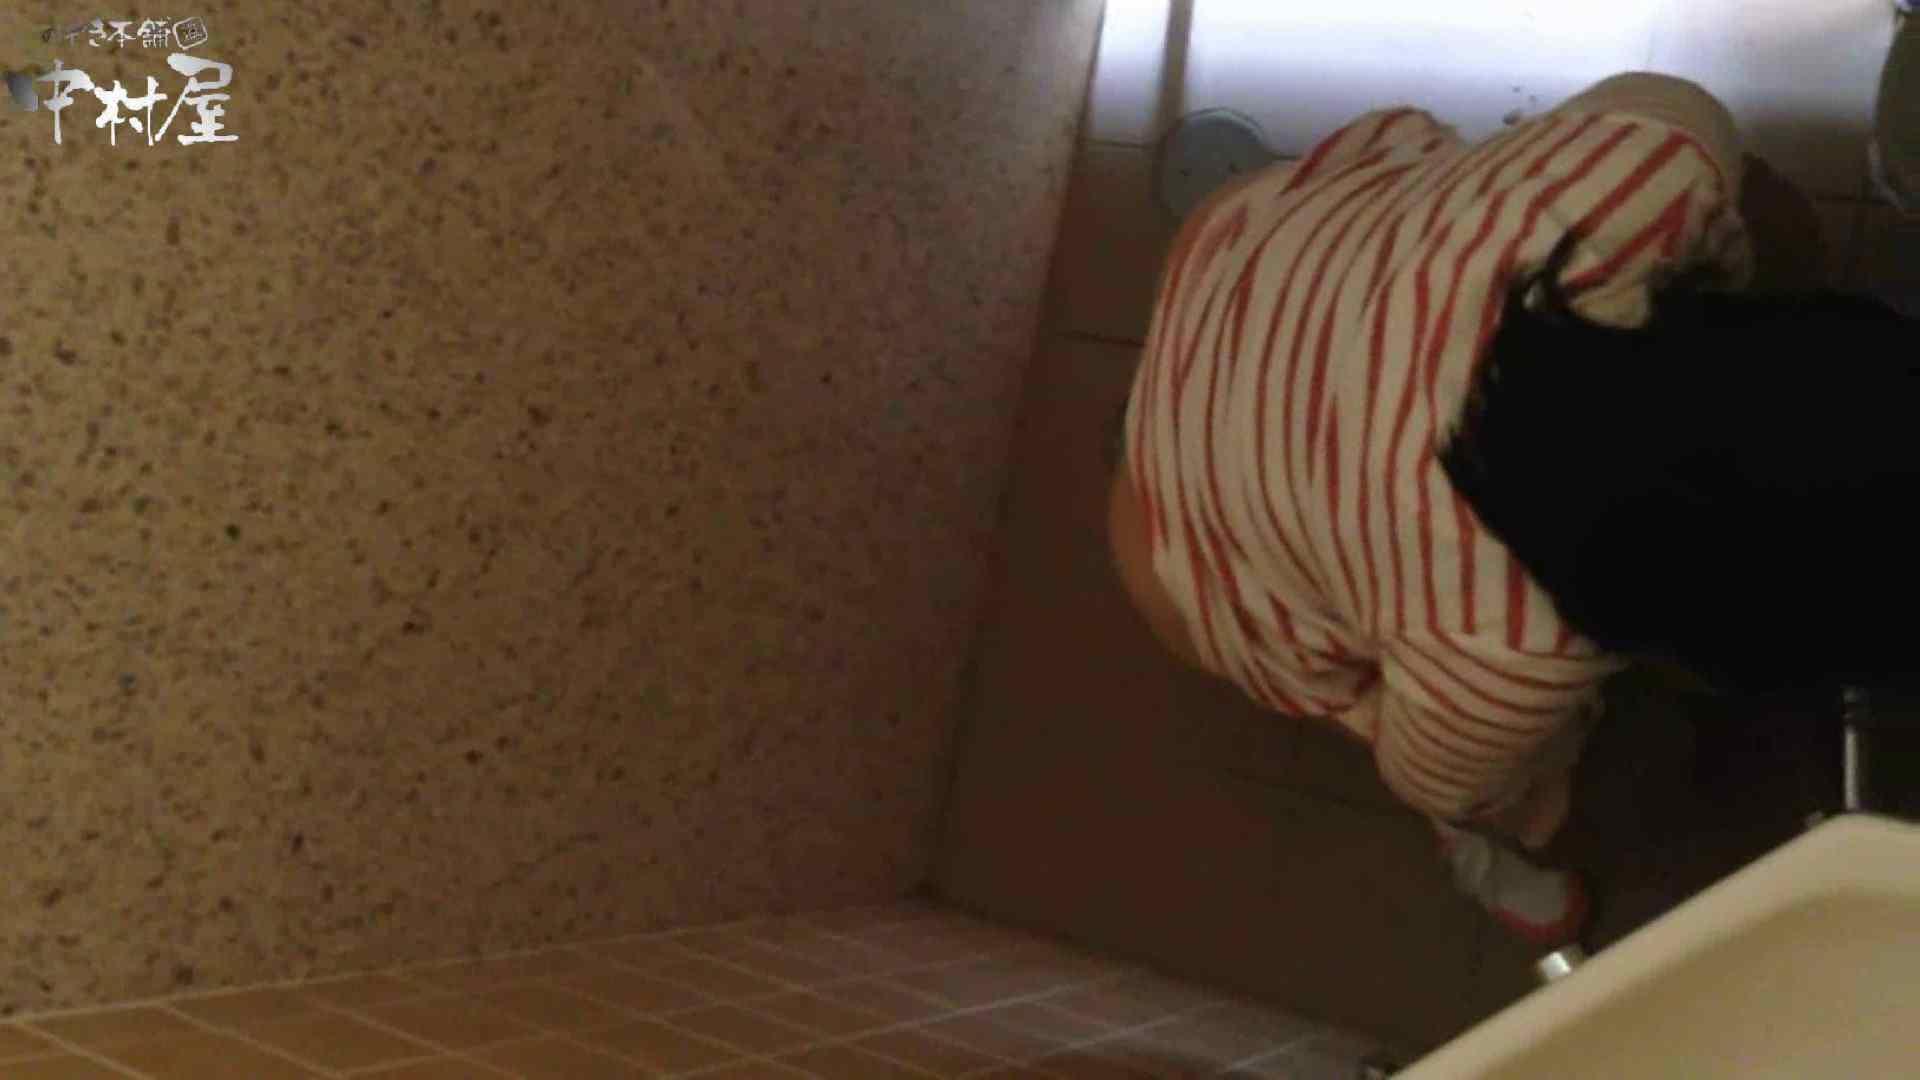 部活女子トイレ潜入編vol.5 盗撮   OLすけべ画像  98連発 11